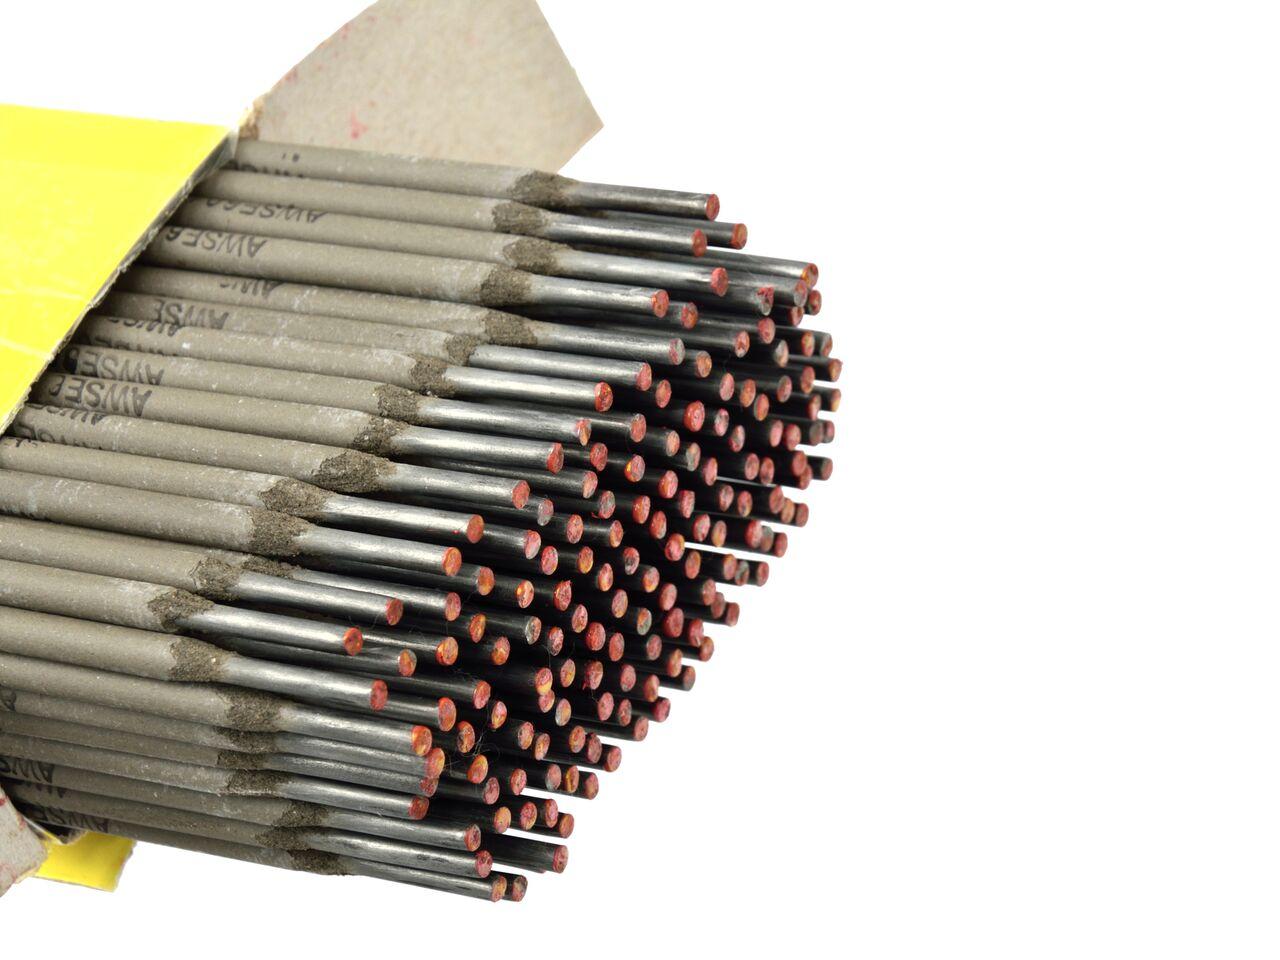 Zváracie elektródy 3.2mm 5kg elektródového zváracieho stroja